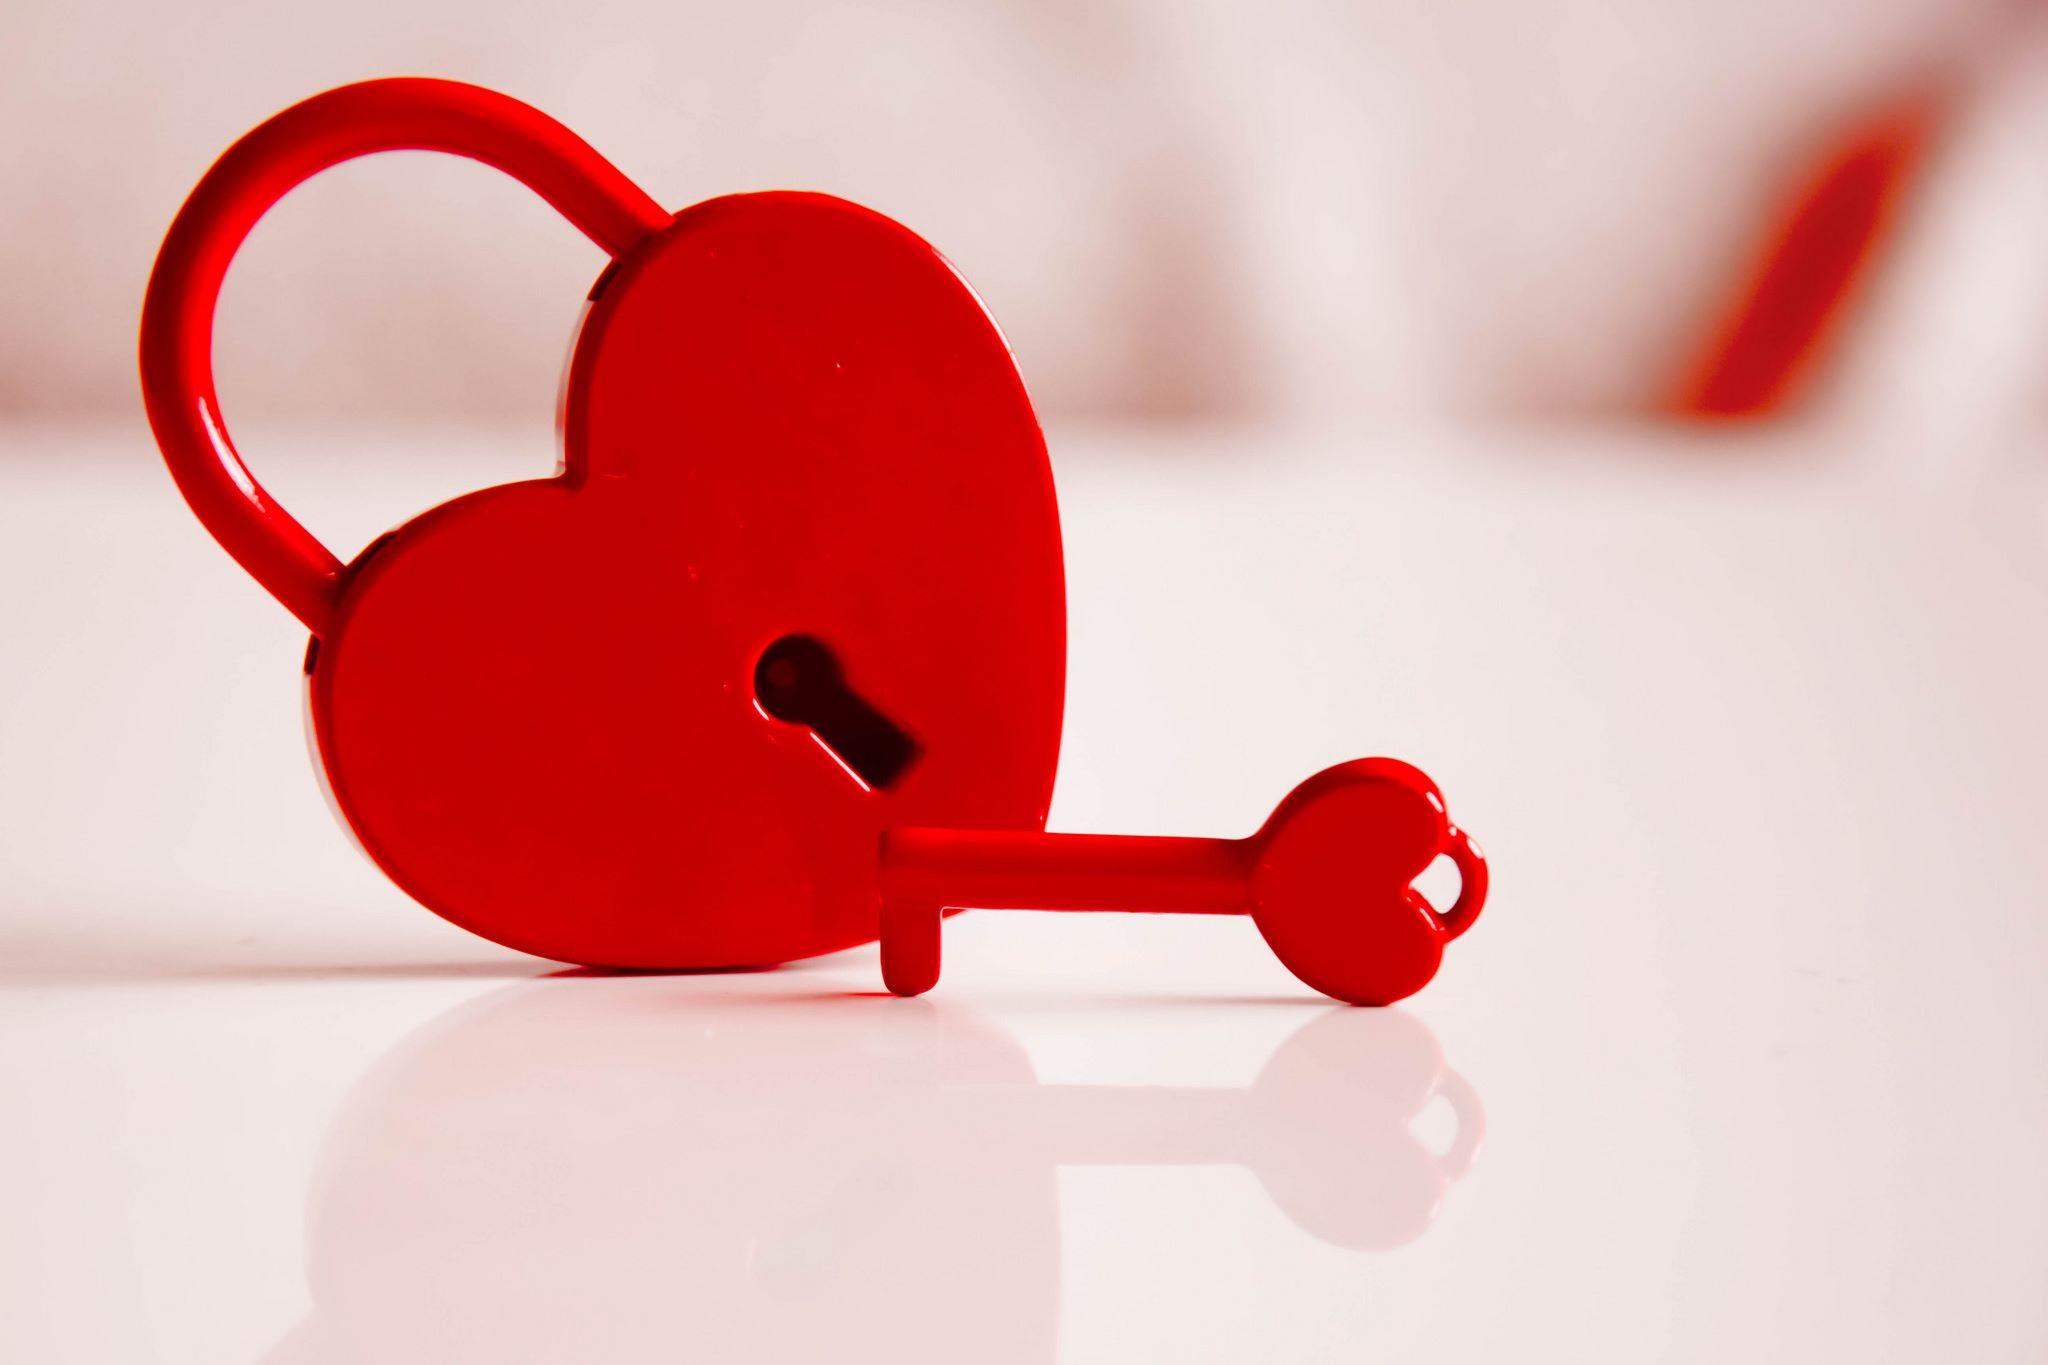 Slik vinner du kundens hjerte, med smart digital B2B marketing og salg